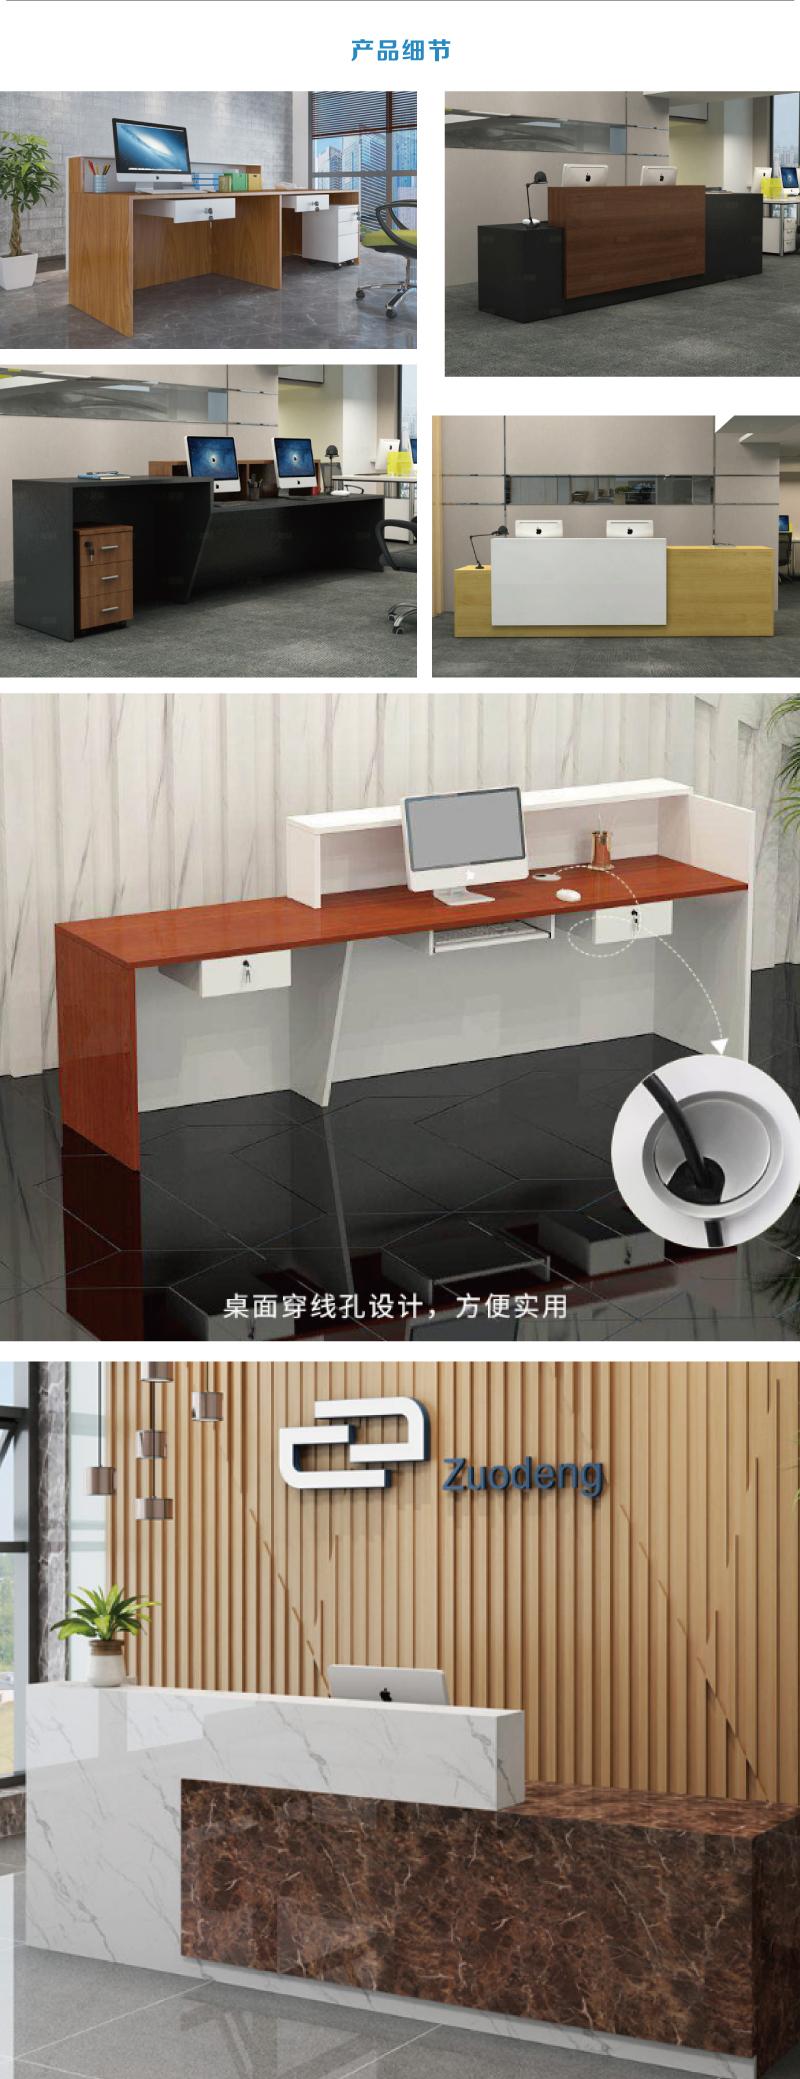 前台桌背景.jpg